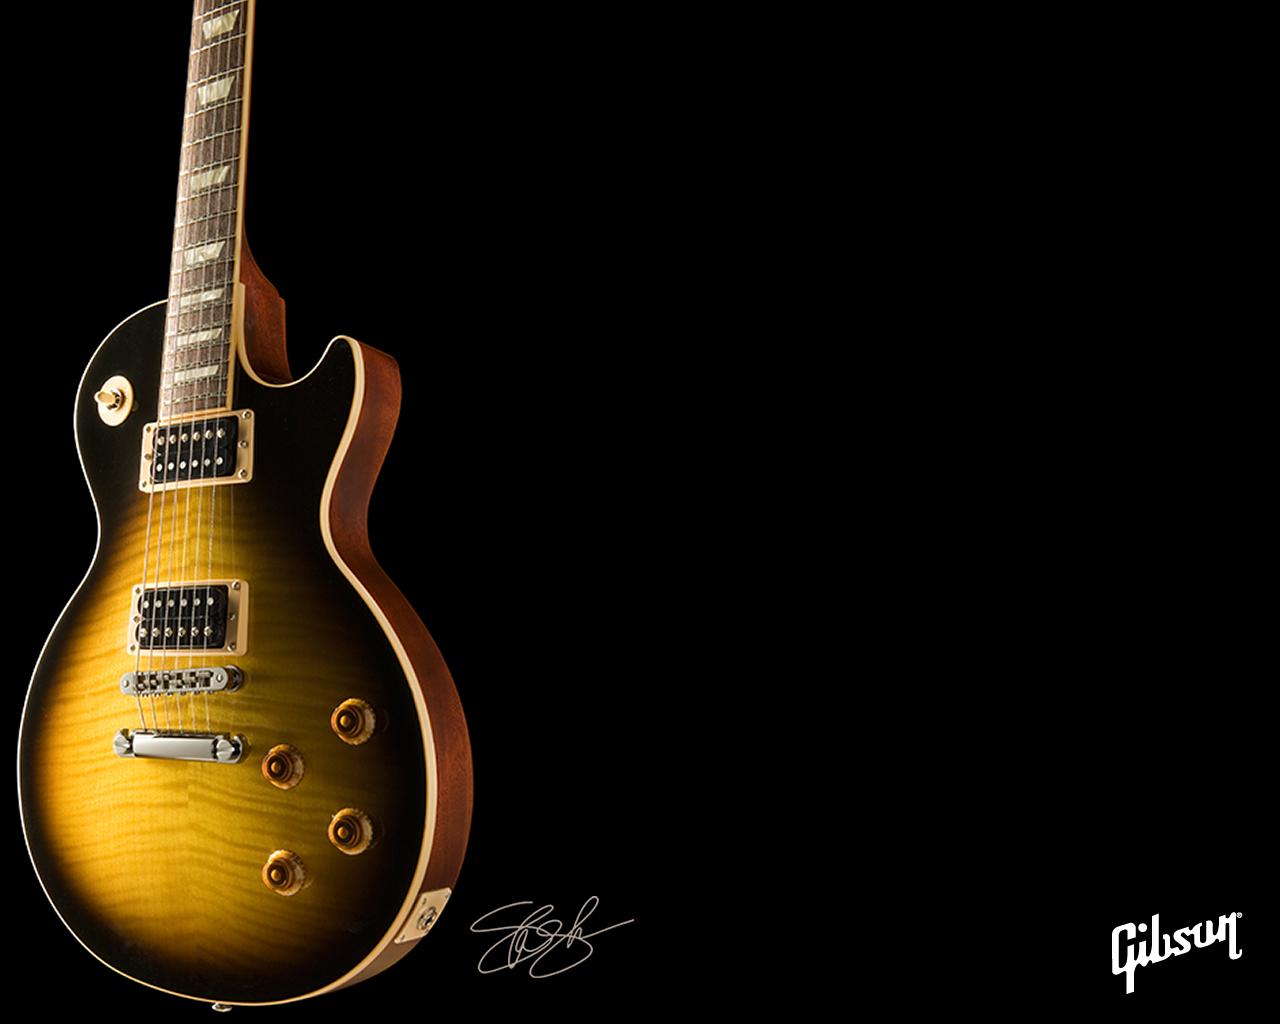 Gibson Wallpaper